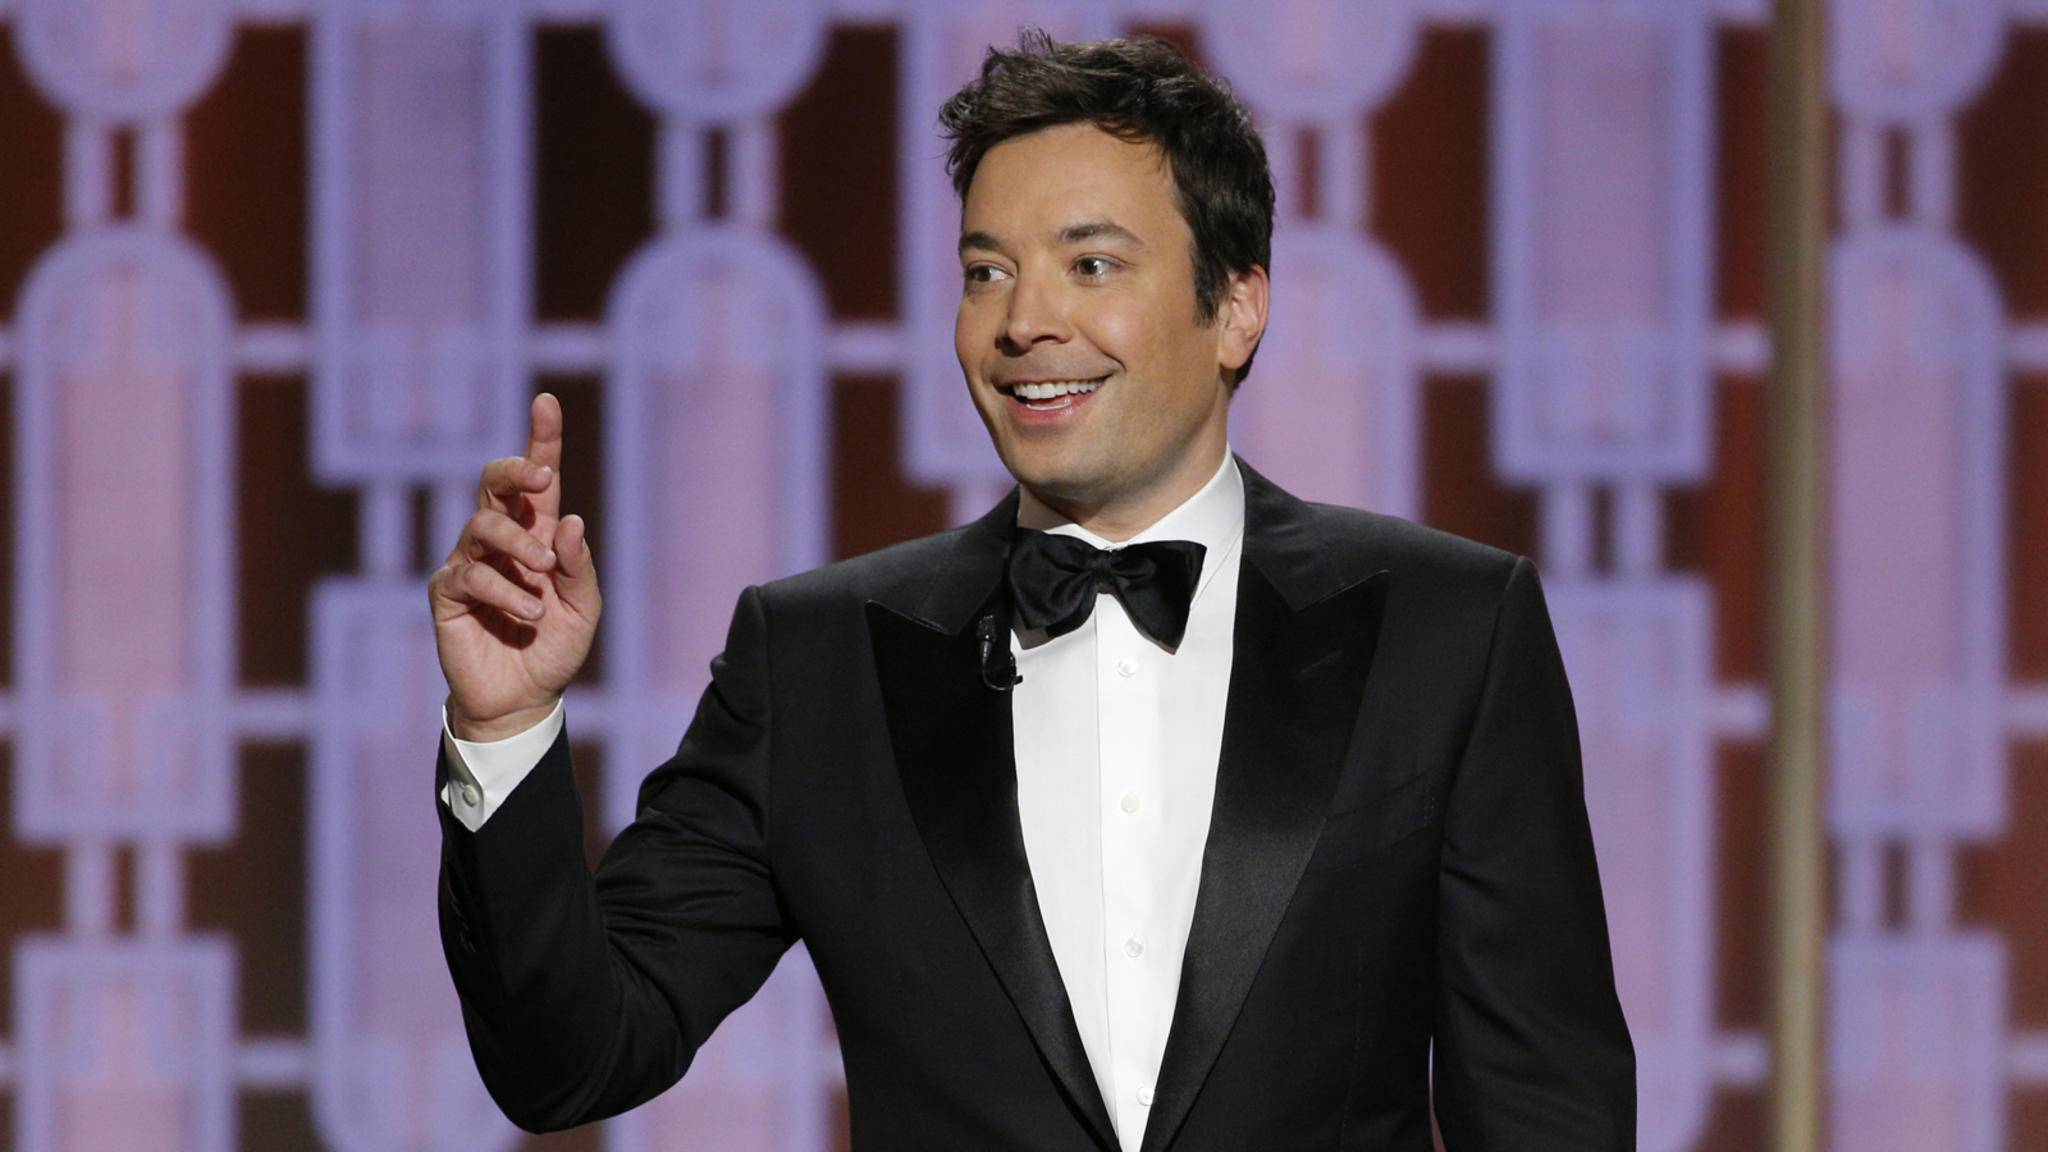 Jimmy Fallon führte durch den Abend der Golden Globes 2017.